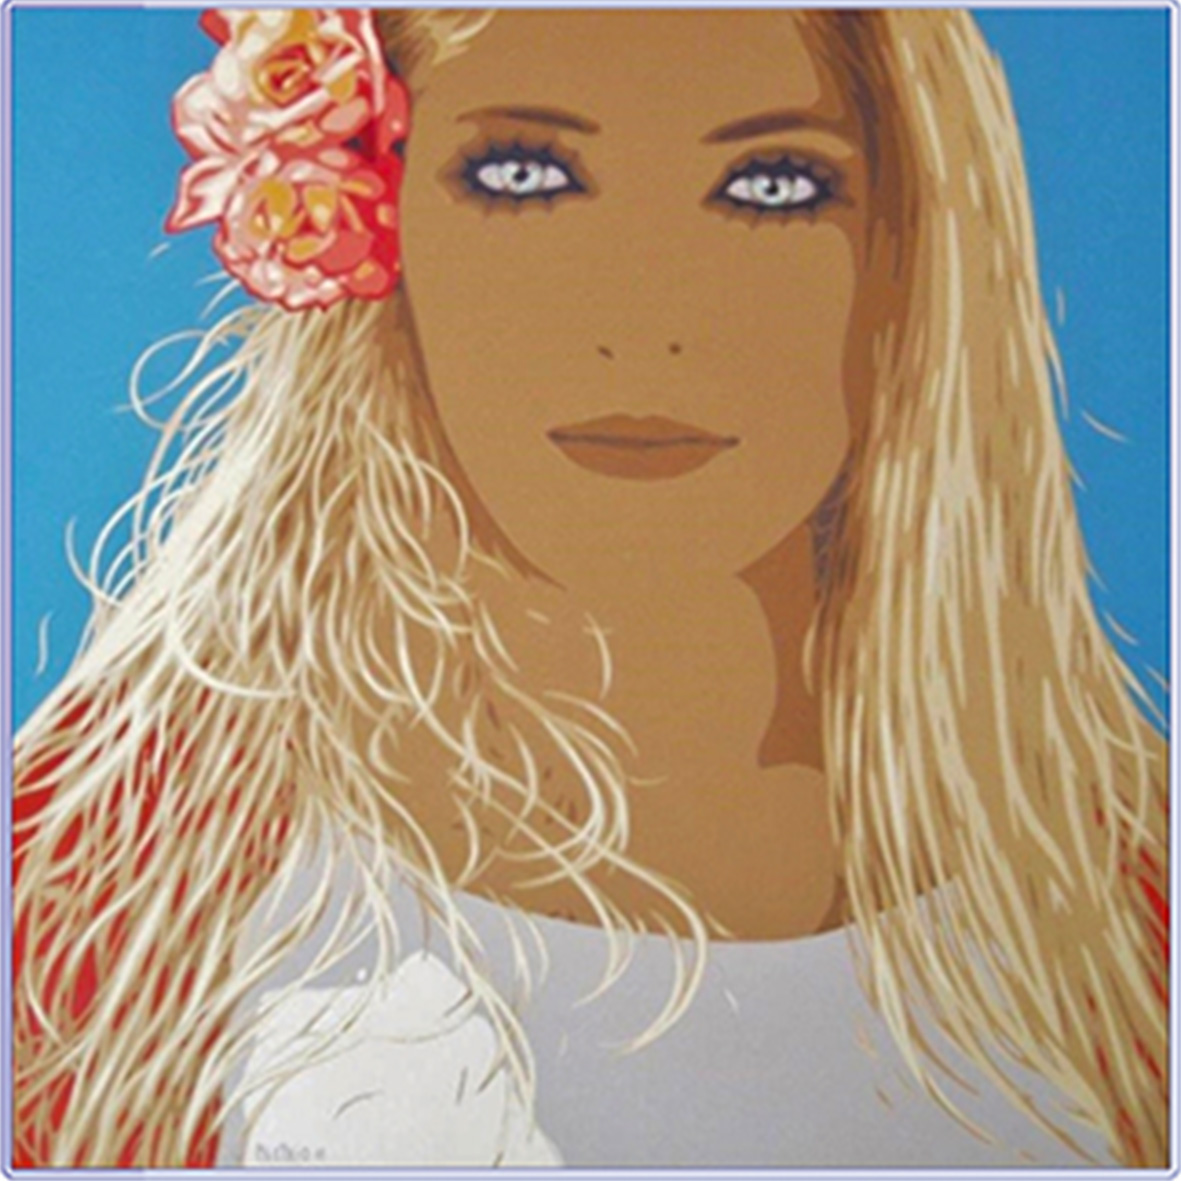 G. Meltzeid, 'Anna, la nuova modella', 2016, acrilico su tela, 90x90 cm. © l'artista